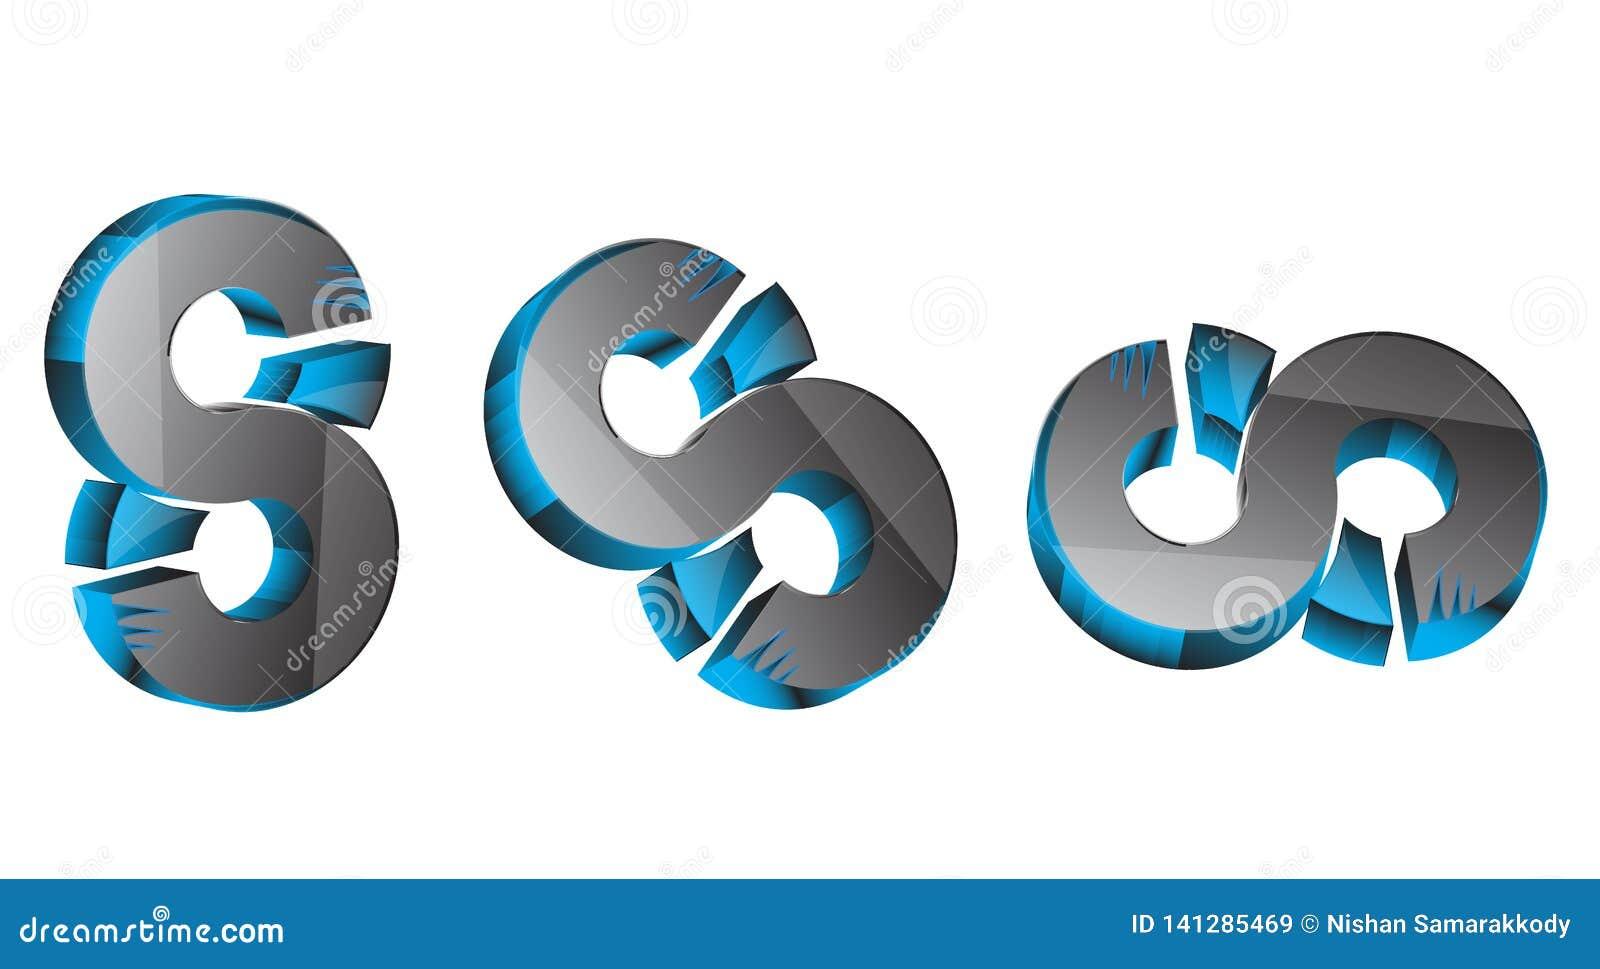 3d 3d 8 3D S Nummer 8 blå & grå färg 8 för 3D svart, blått & grått sss bästa 3D